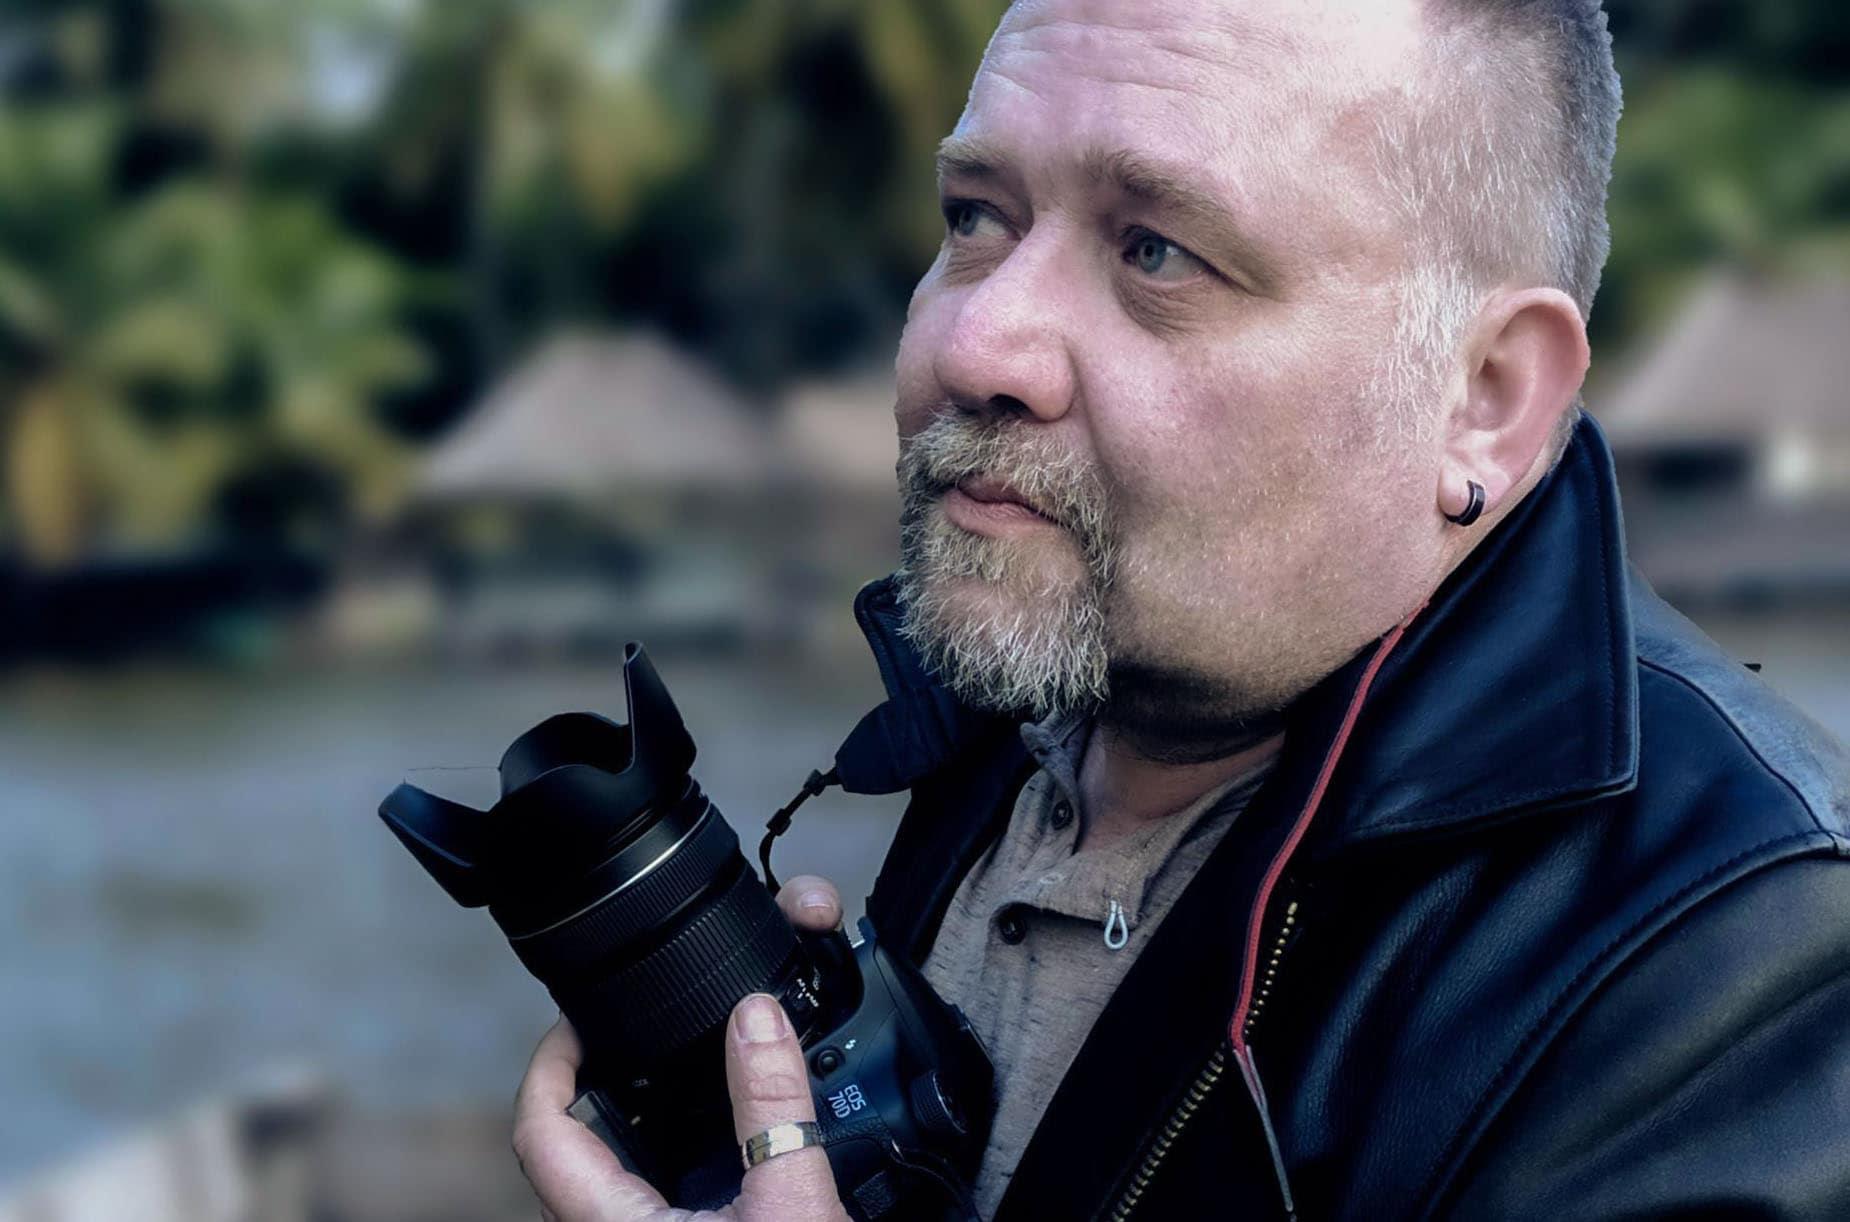 photographe-professionnel-vannes